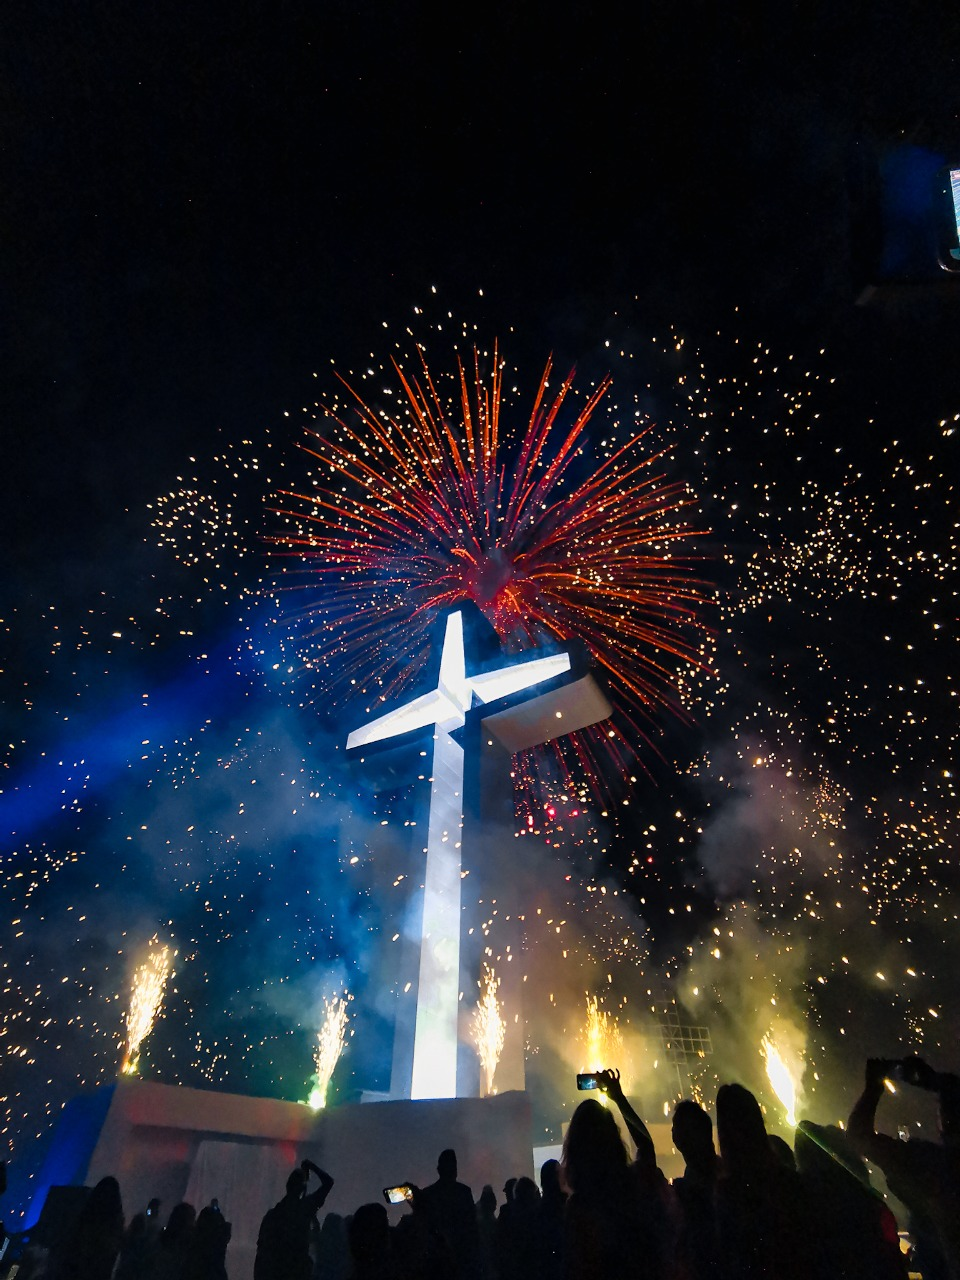 Inauguró Adán Valdivia López el Complejo Santa Cruz, un nuevo atractivo turístico en Calvillo Pueblo Mágico